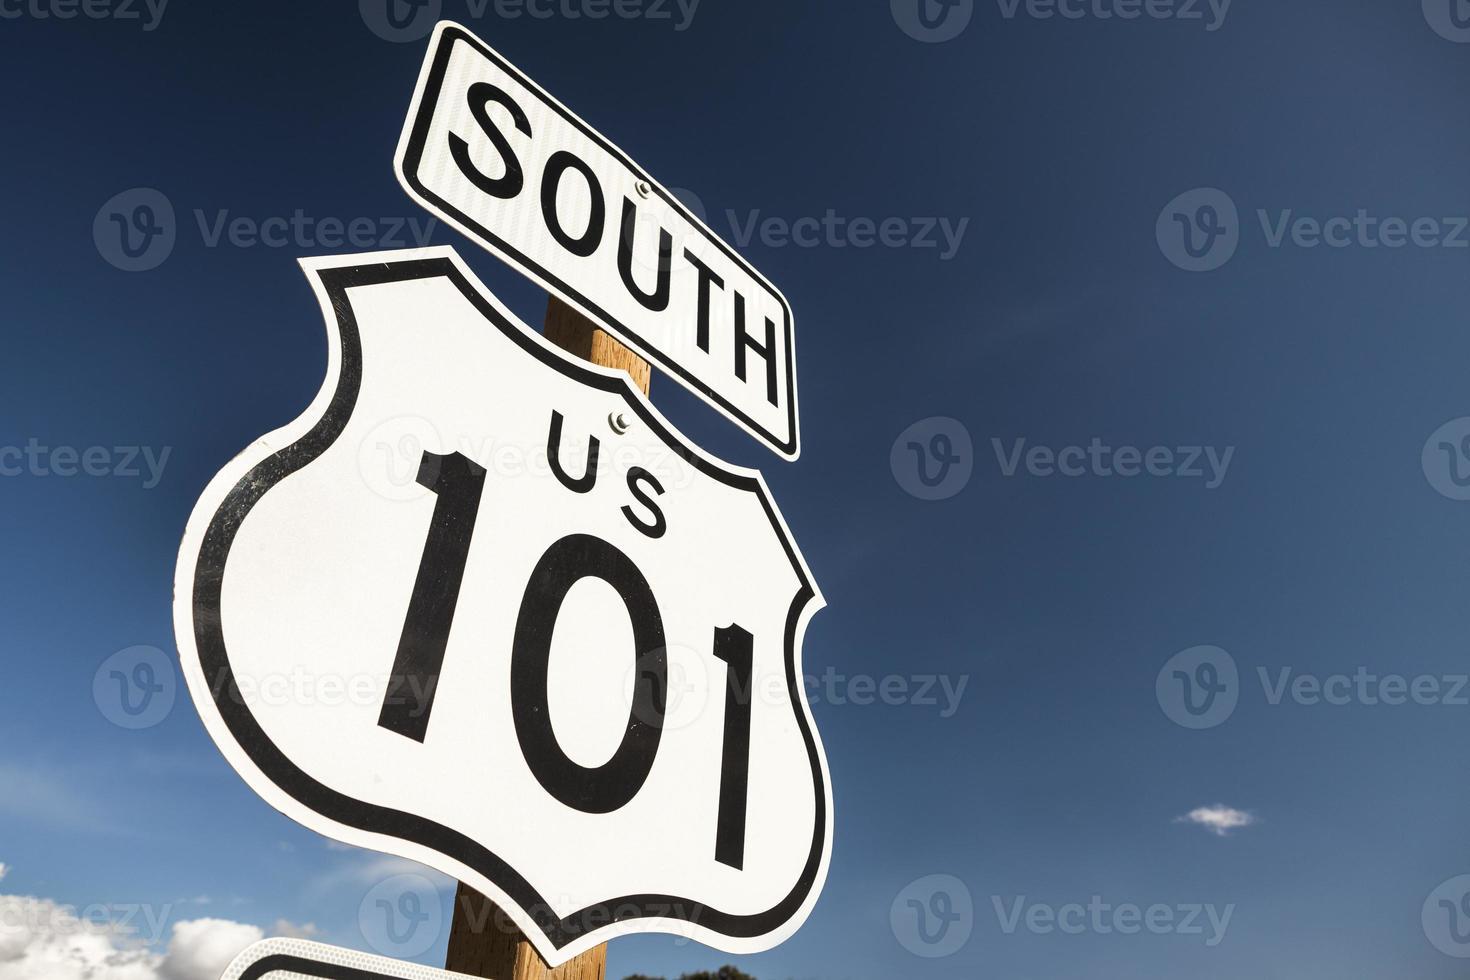 nosotros 101 autopista señal de tráfico foto